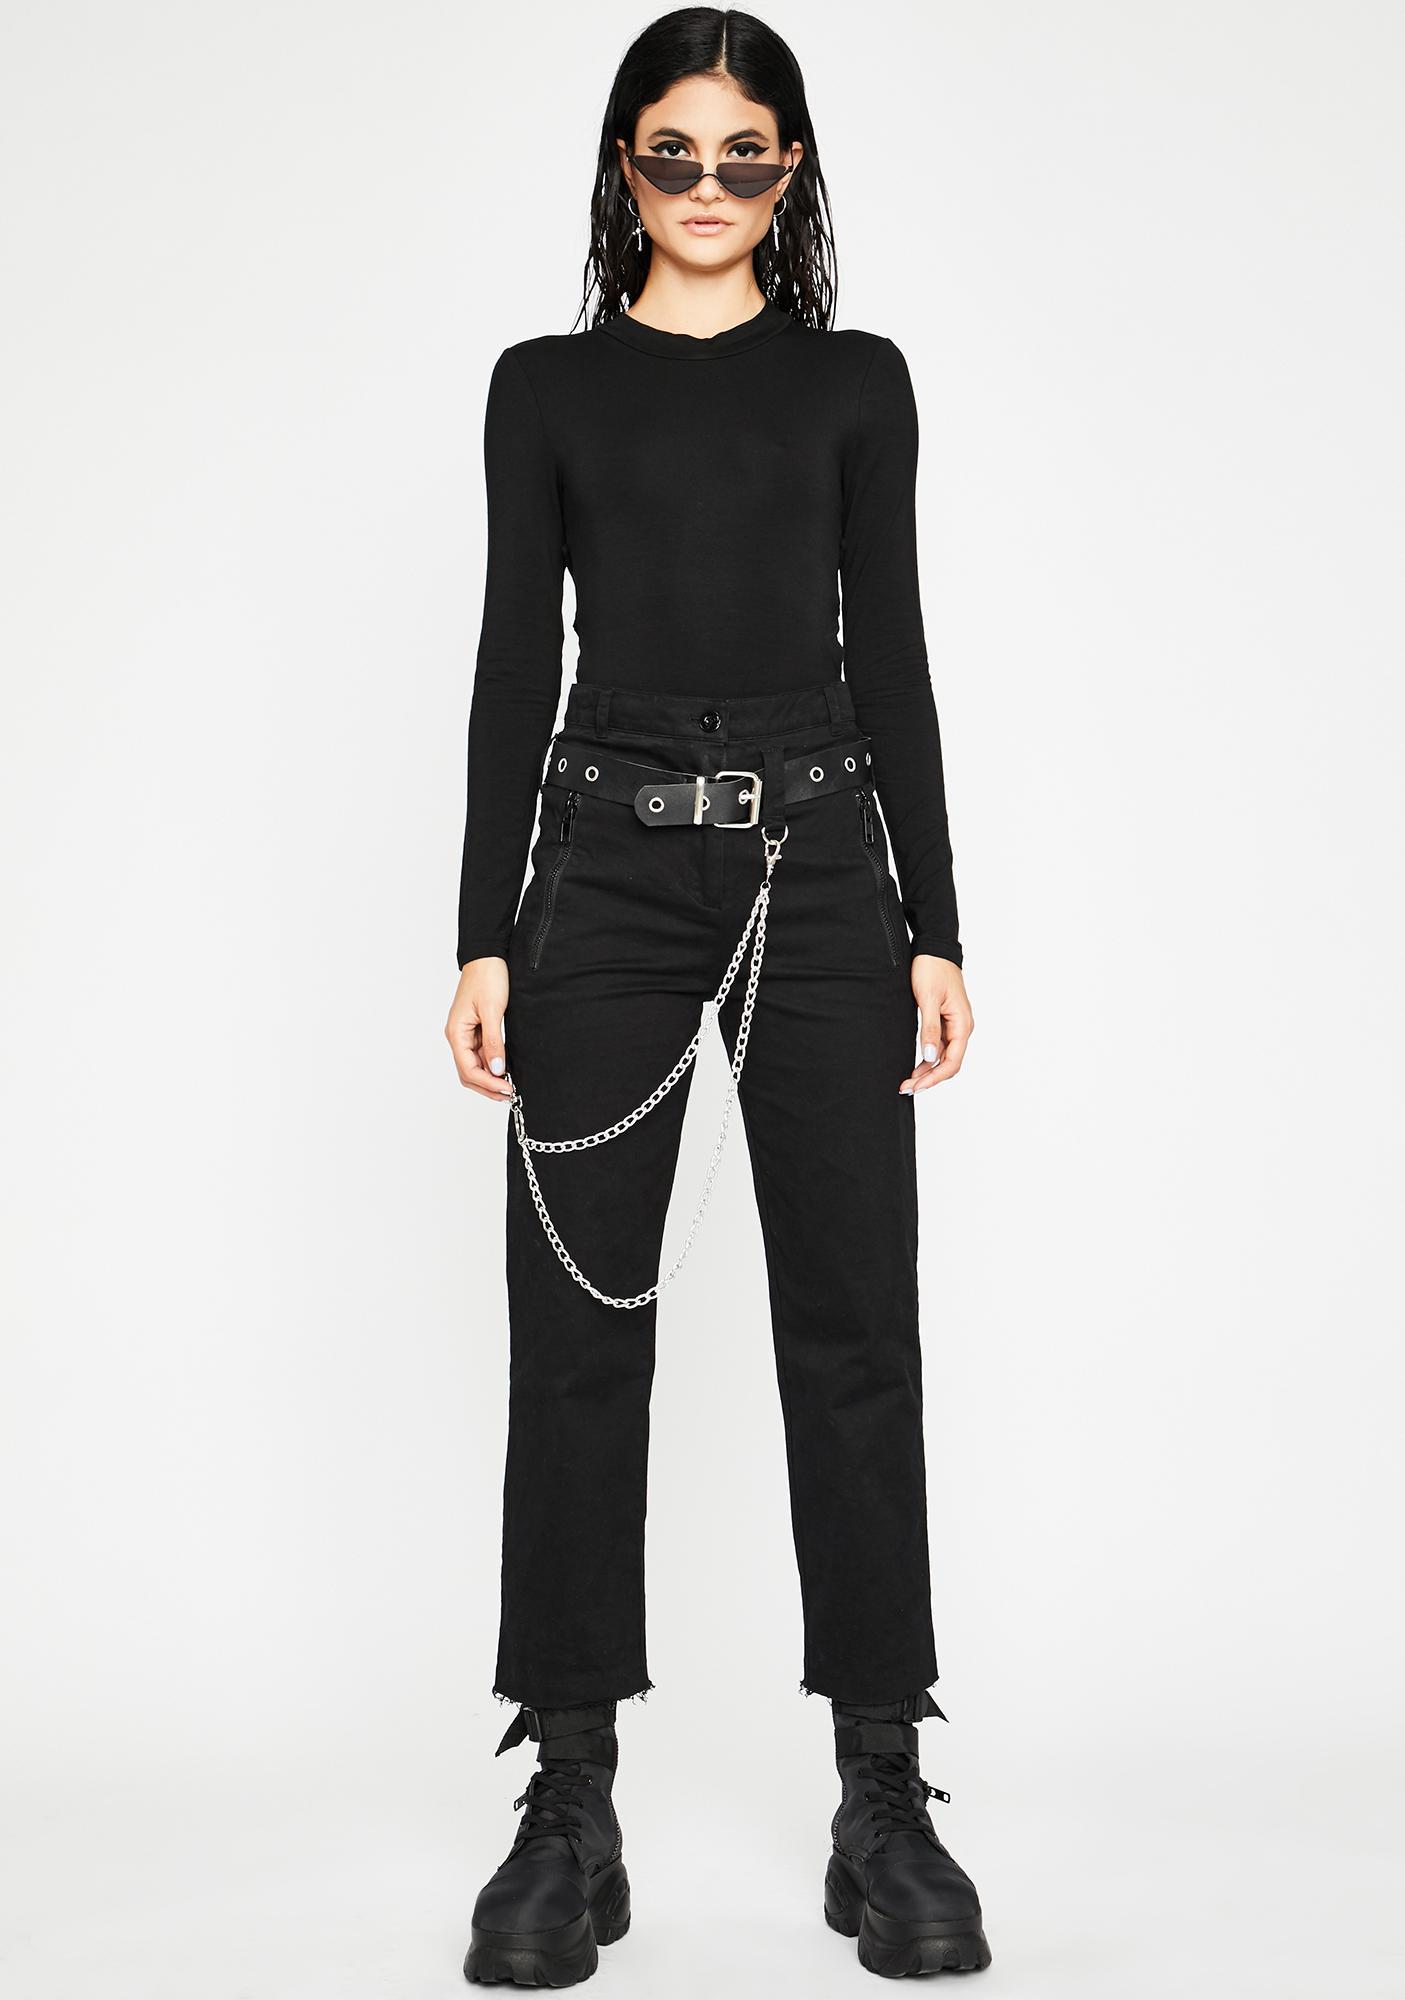 Backlash Long Sleeve Bodysuit